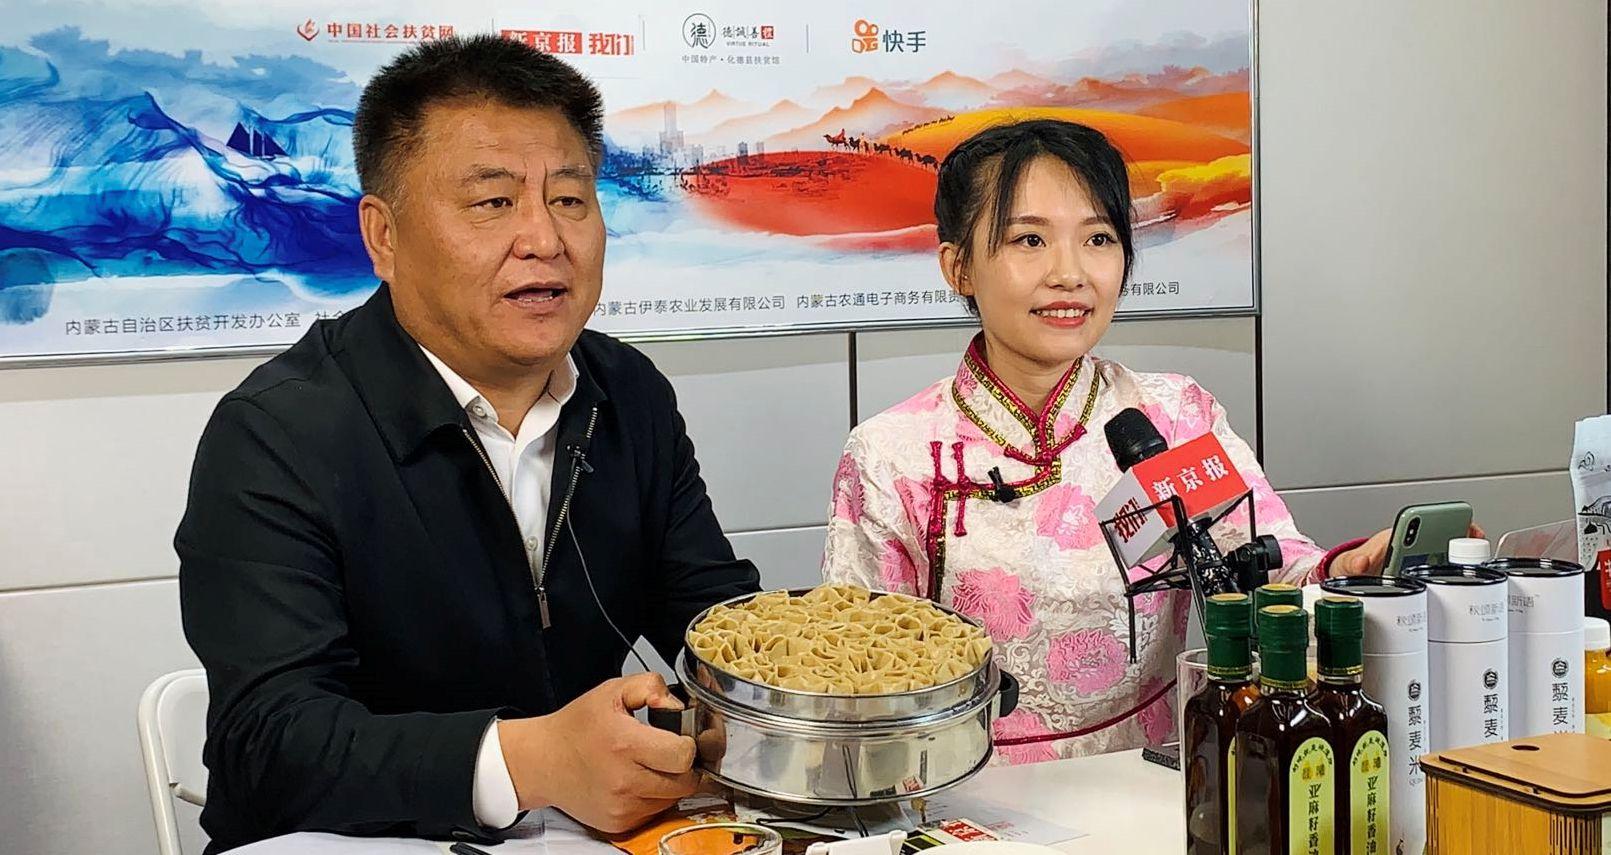 天富代理,内蒙古扶贫办主任助农天富代理带货直播现图片